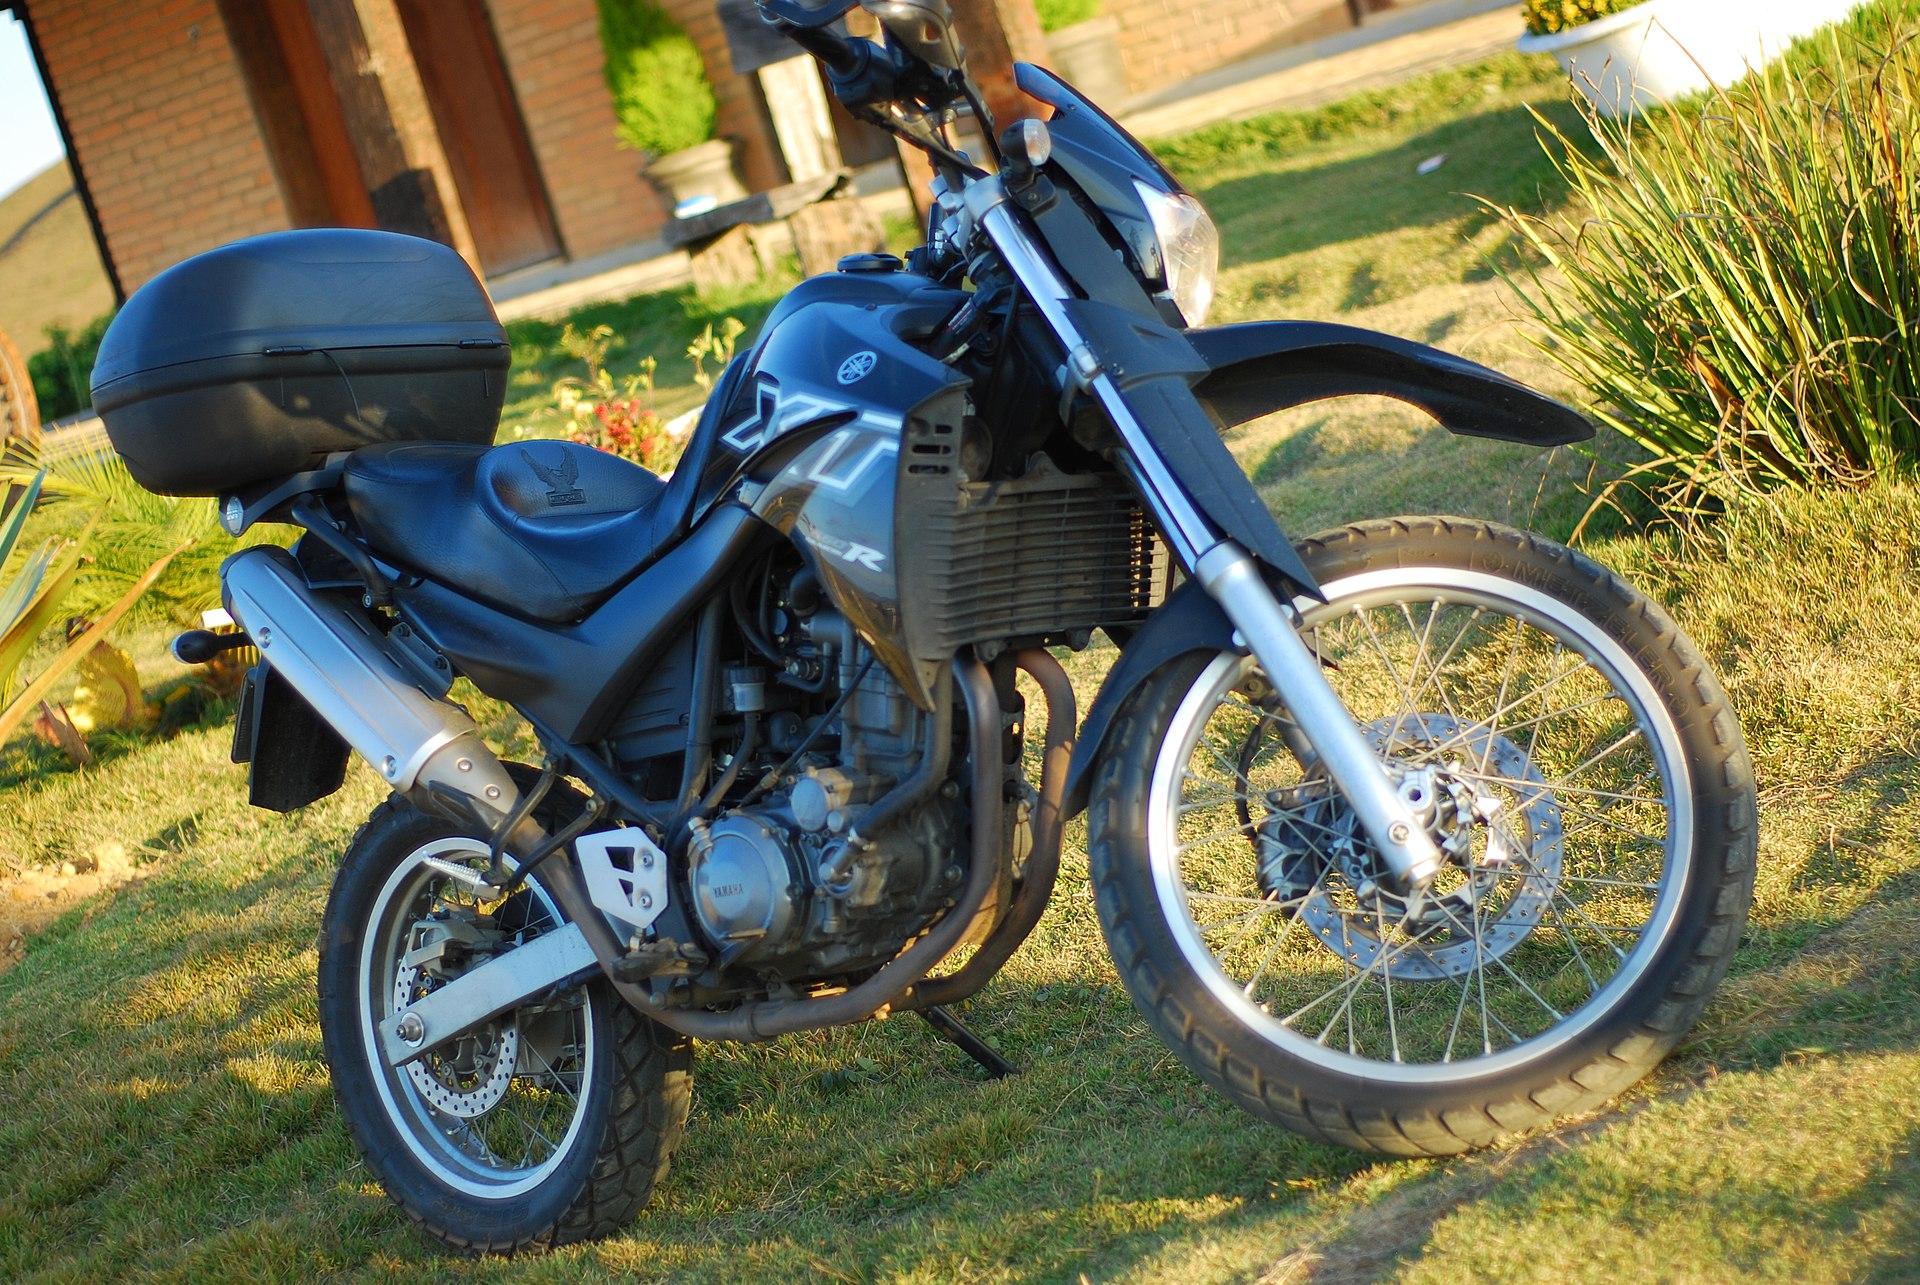 Yamaha MT 15 Wikipedia: Yamaha XT660R